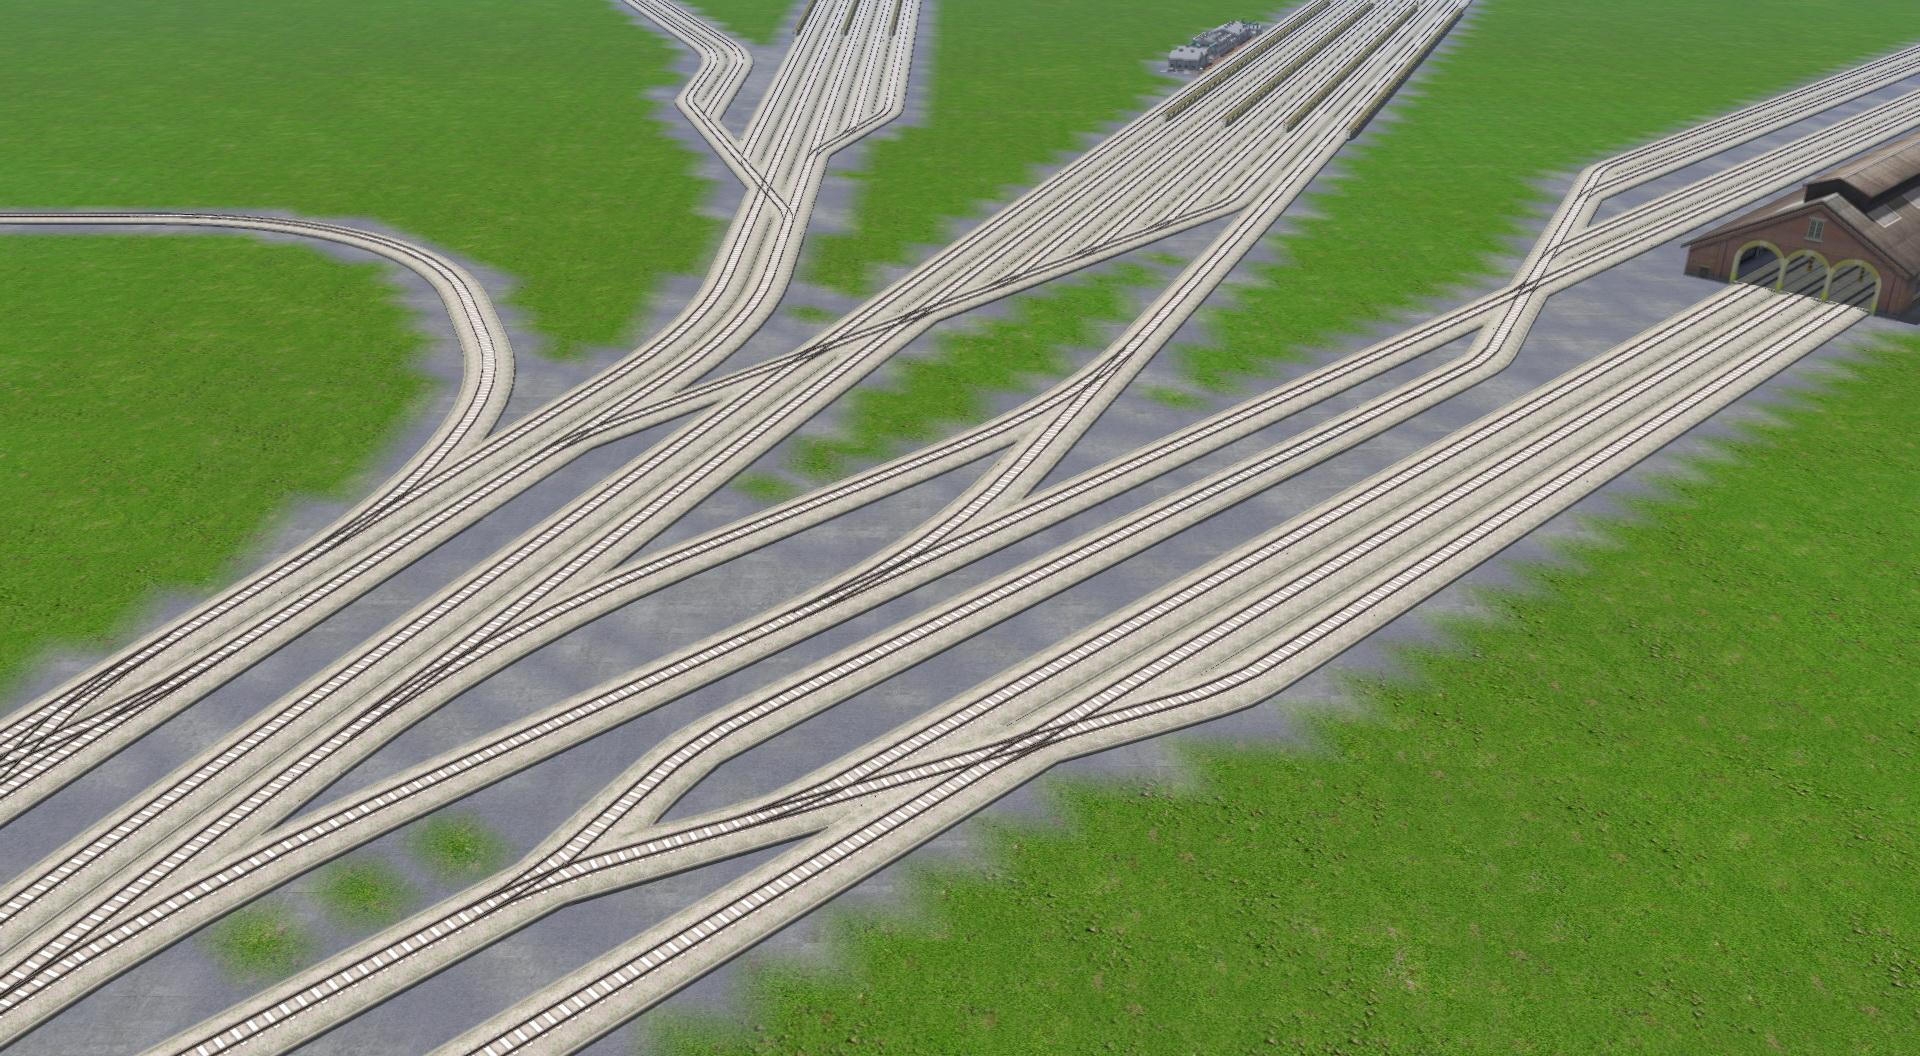 線路分岐パーツが追加された。駅や操車場周りの線路を整備することで、よりスッキリし街作りが可能となる。「スリップスイッチ」を「Version3.0」では追加搭載。今までの「A列車で行こう9」ではできなかった、融通の利くポイント設置が可能となる